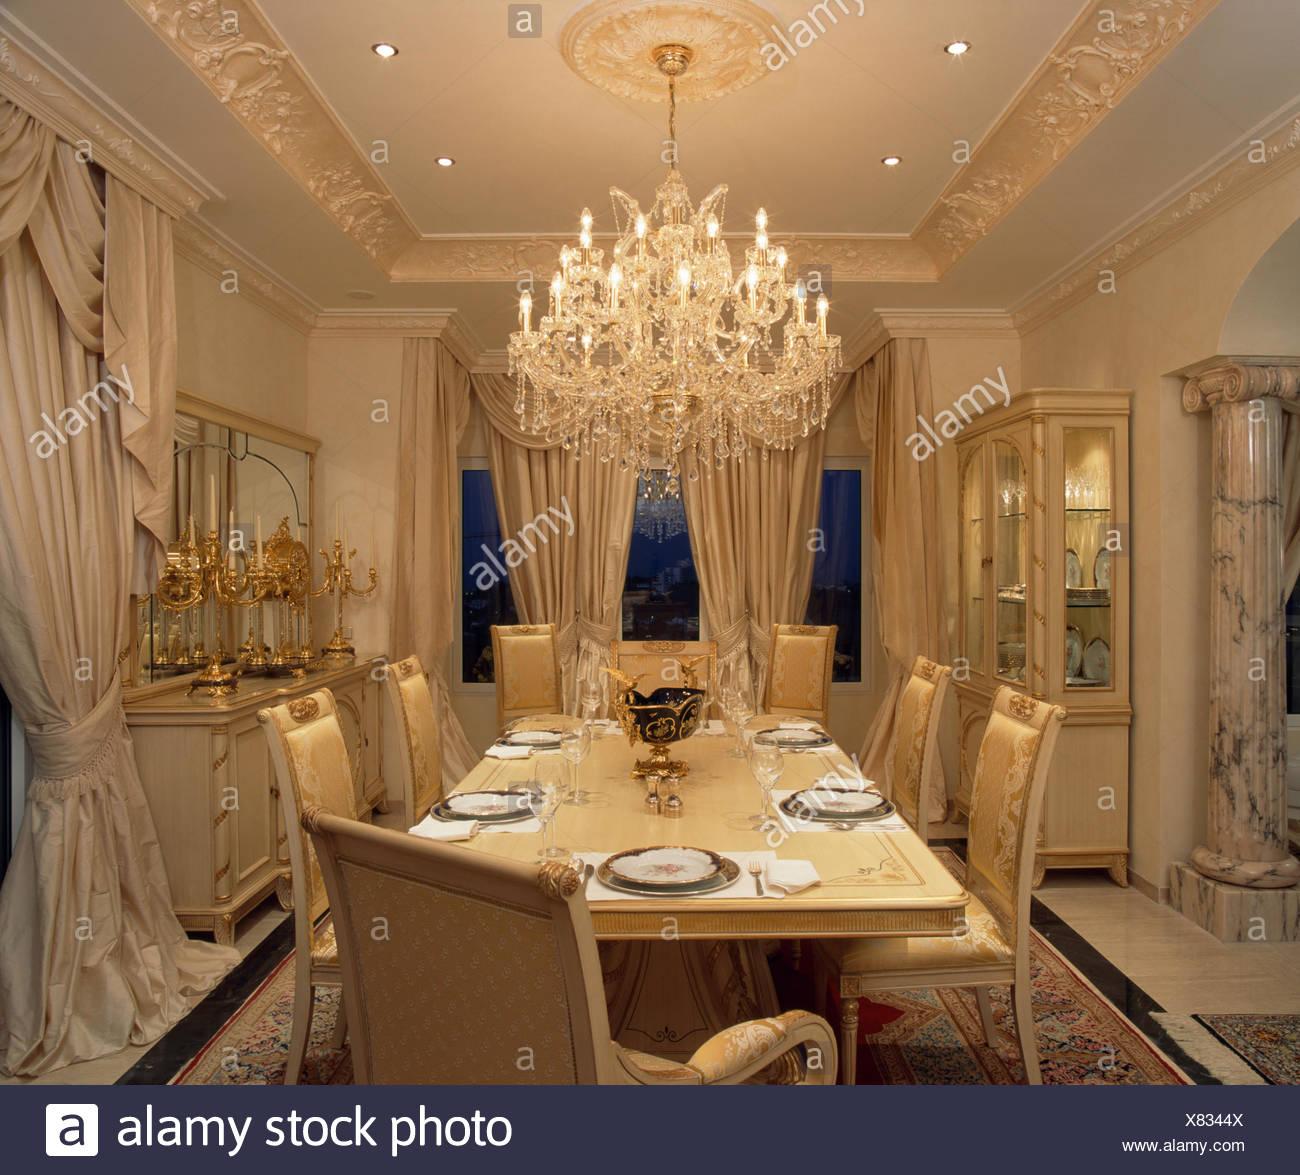 Reich Verzierte Glas Kronleuchter über Dem Tisch Für Das Abendessen Im  Opulenten Spanischen Speisesaal Mit Creme Seide Vorhänge